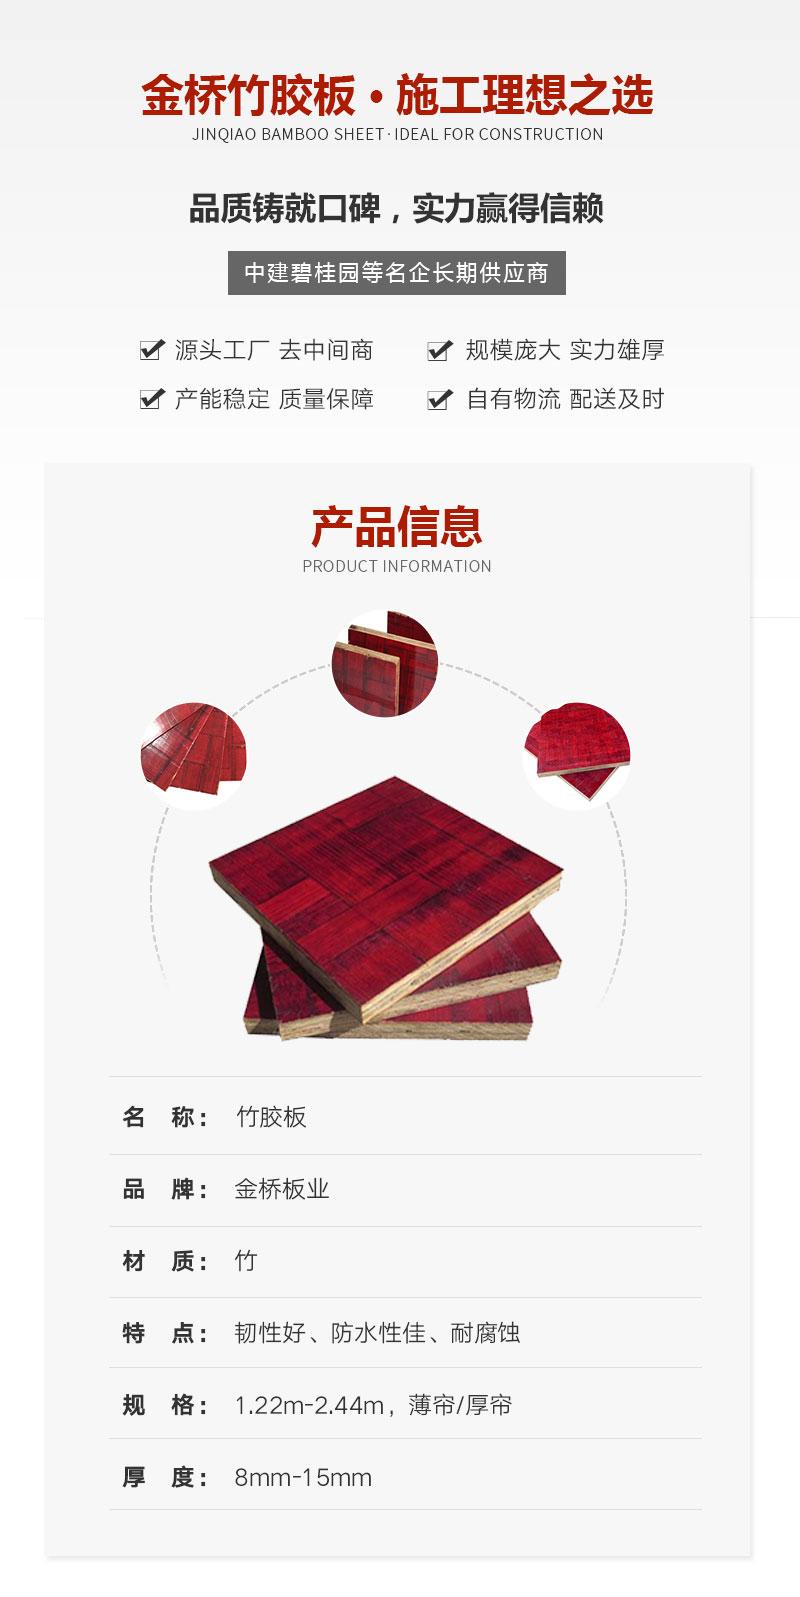 薄帘竹胶板1.22*2.44*1.4金桥板业产品信息介绍